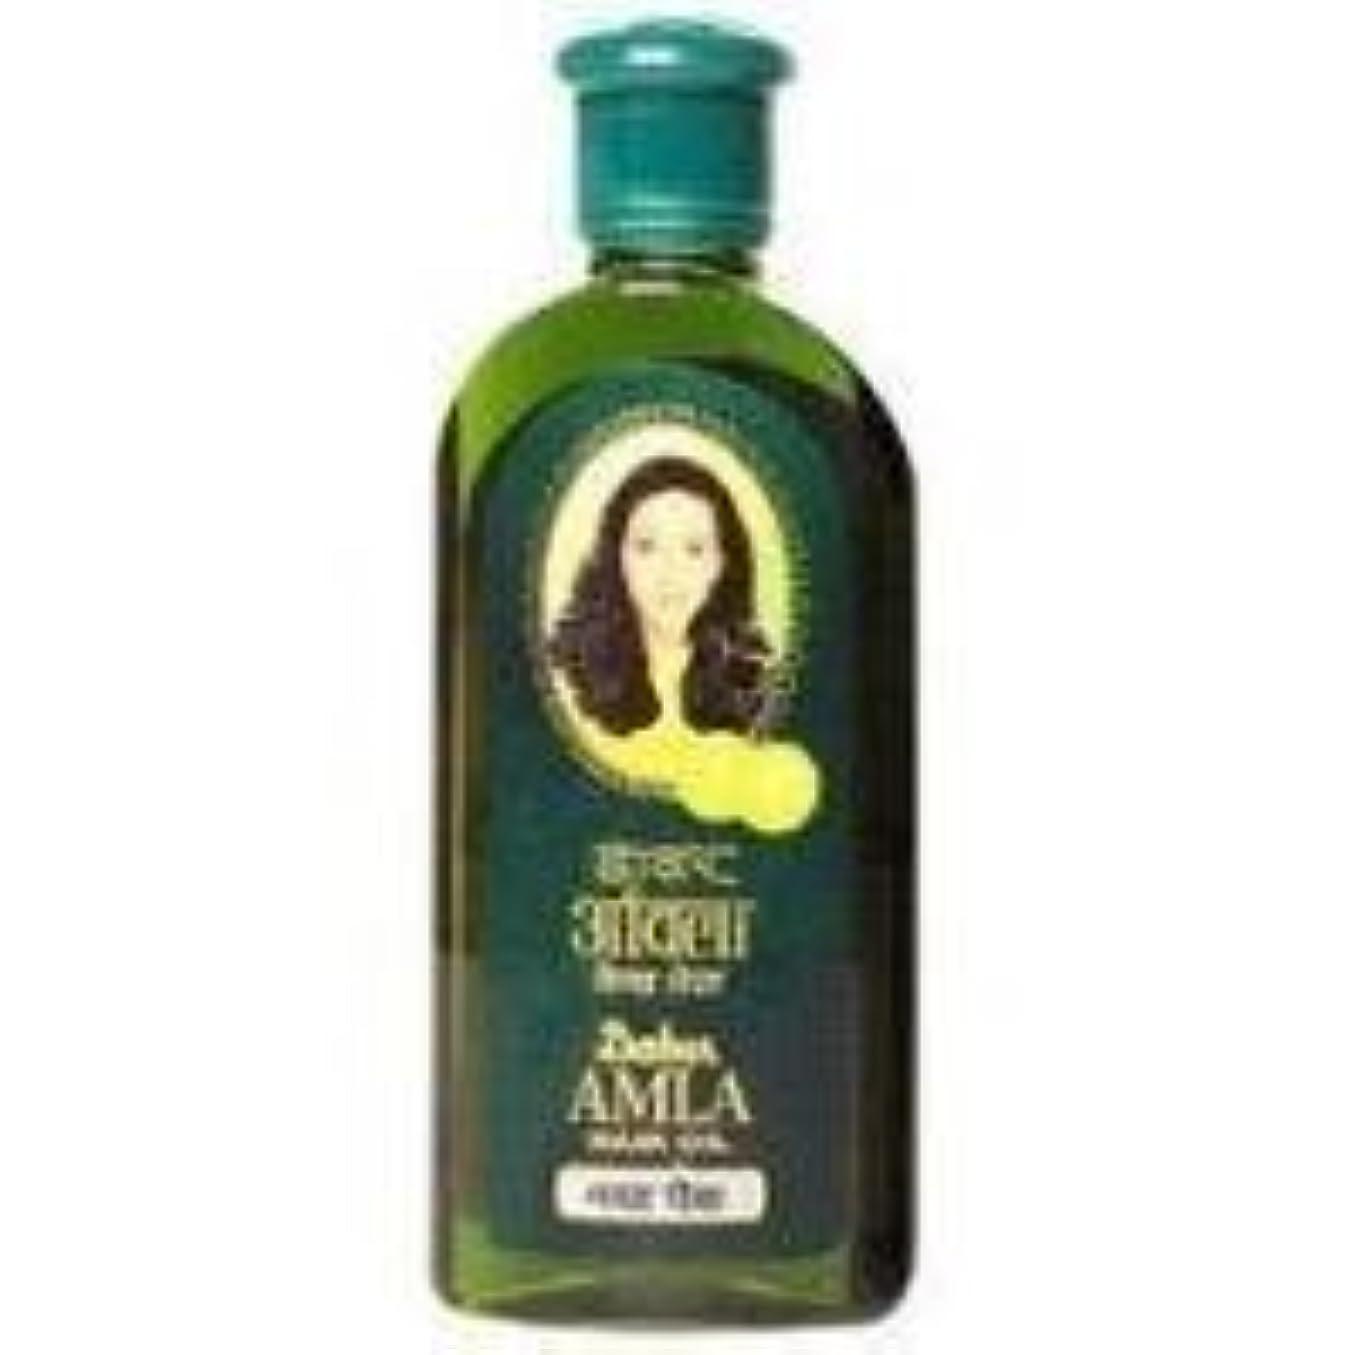 シリンダースーダンお互いDabur Amla Hair Oil, 500 ml Bottle by Dabur [並行輸入品]